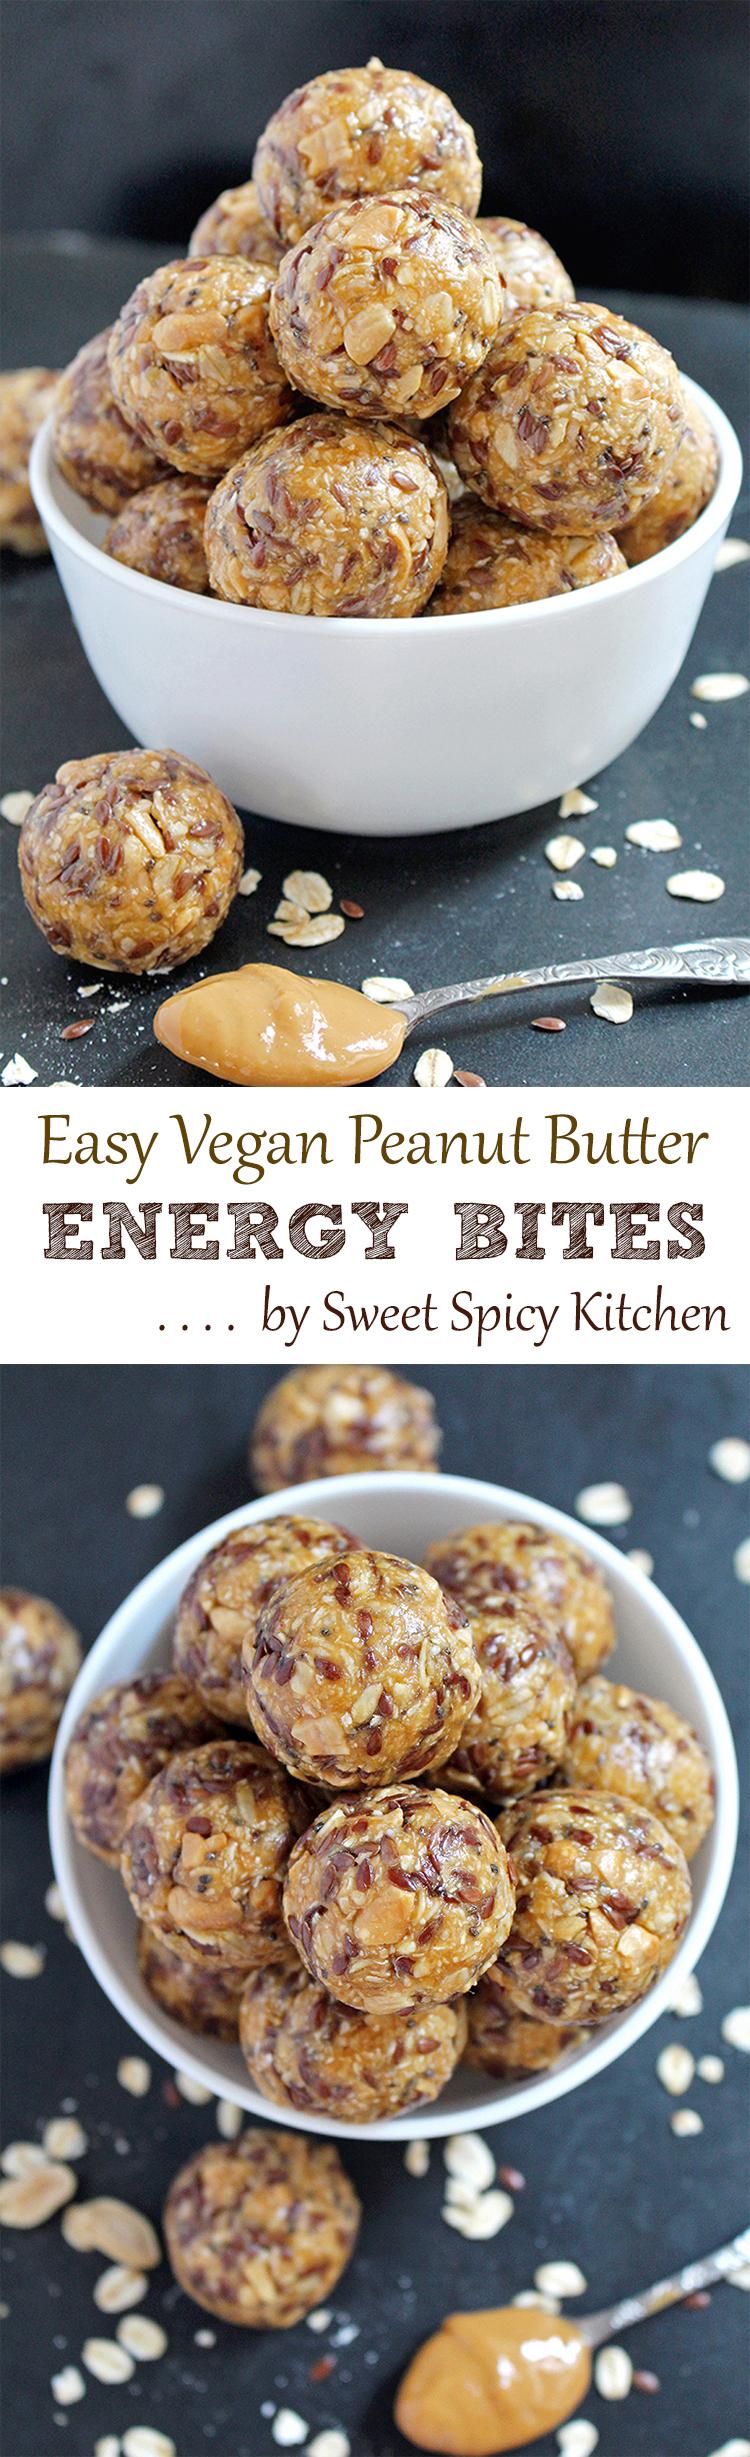 Untitled-200 Easy Vegan Peanut Butter Energy Bites